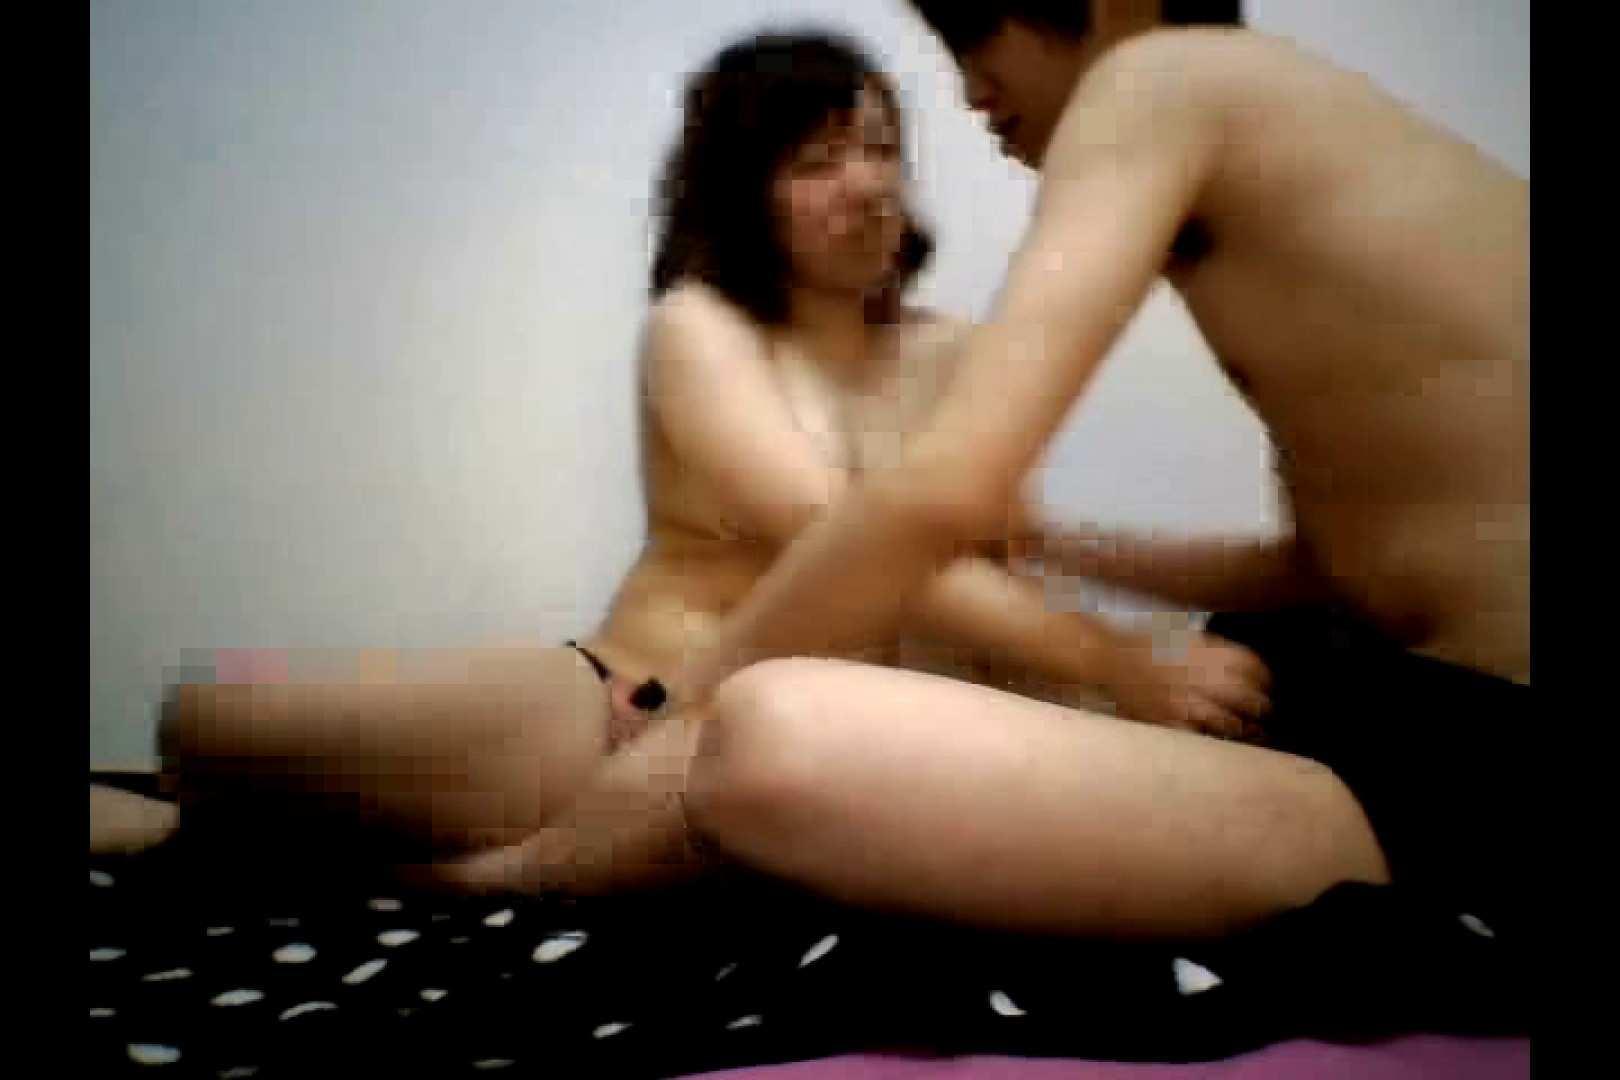 男目線!!イケメンと女性Vol.01 ゲイイメージ ゲイセックス画像 82pic 39